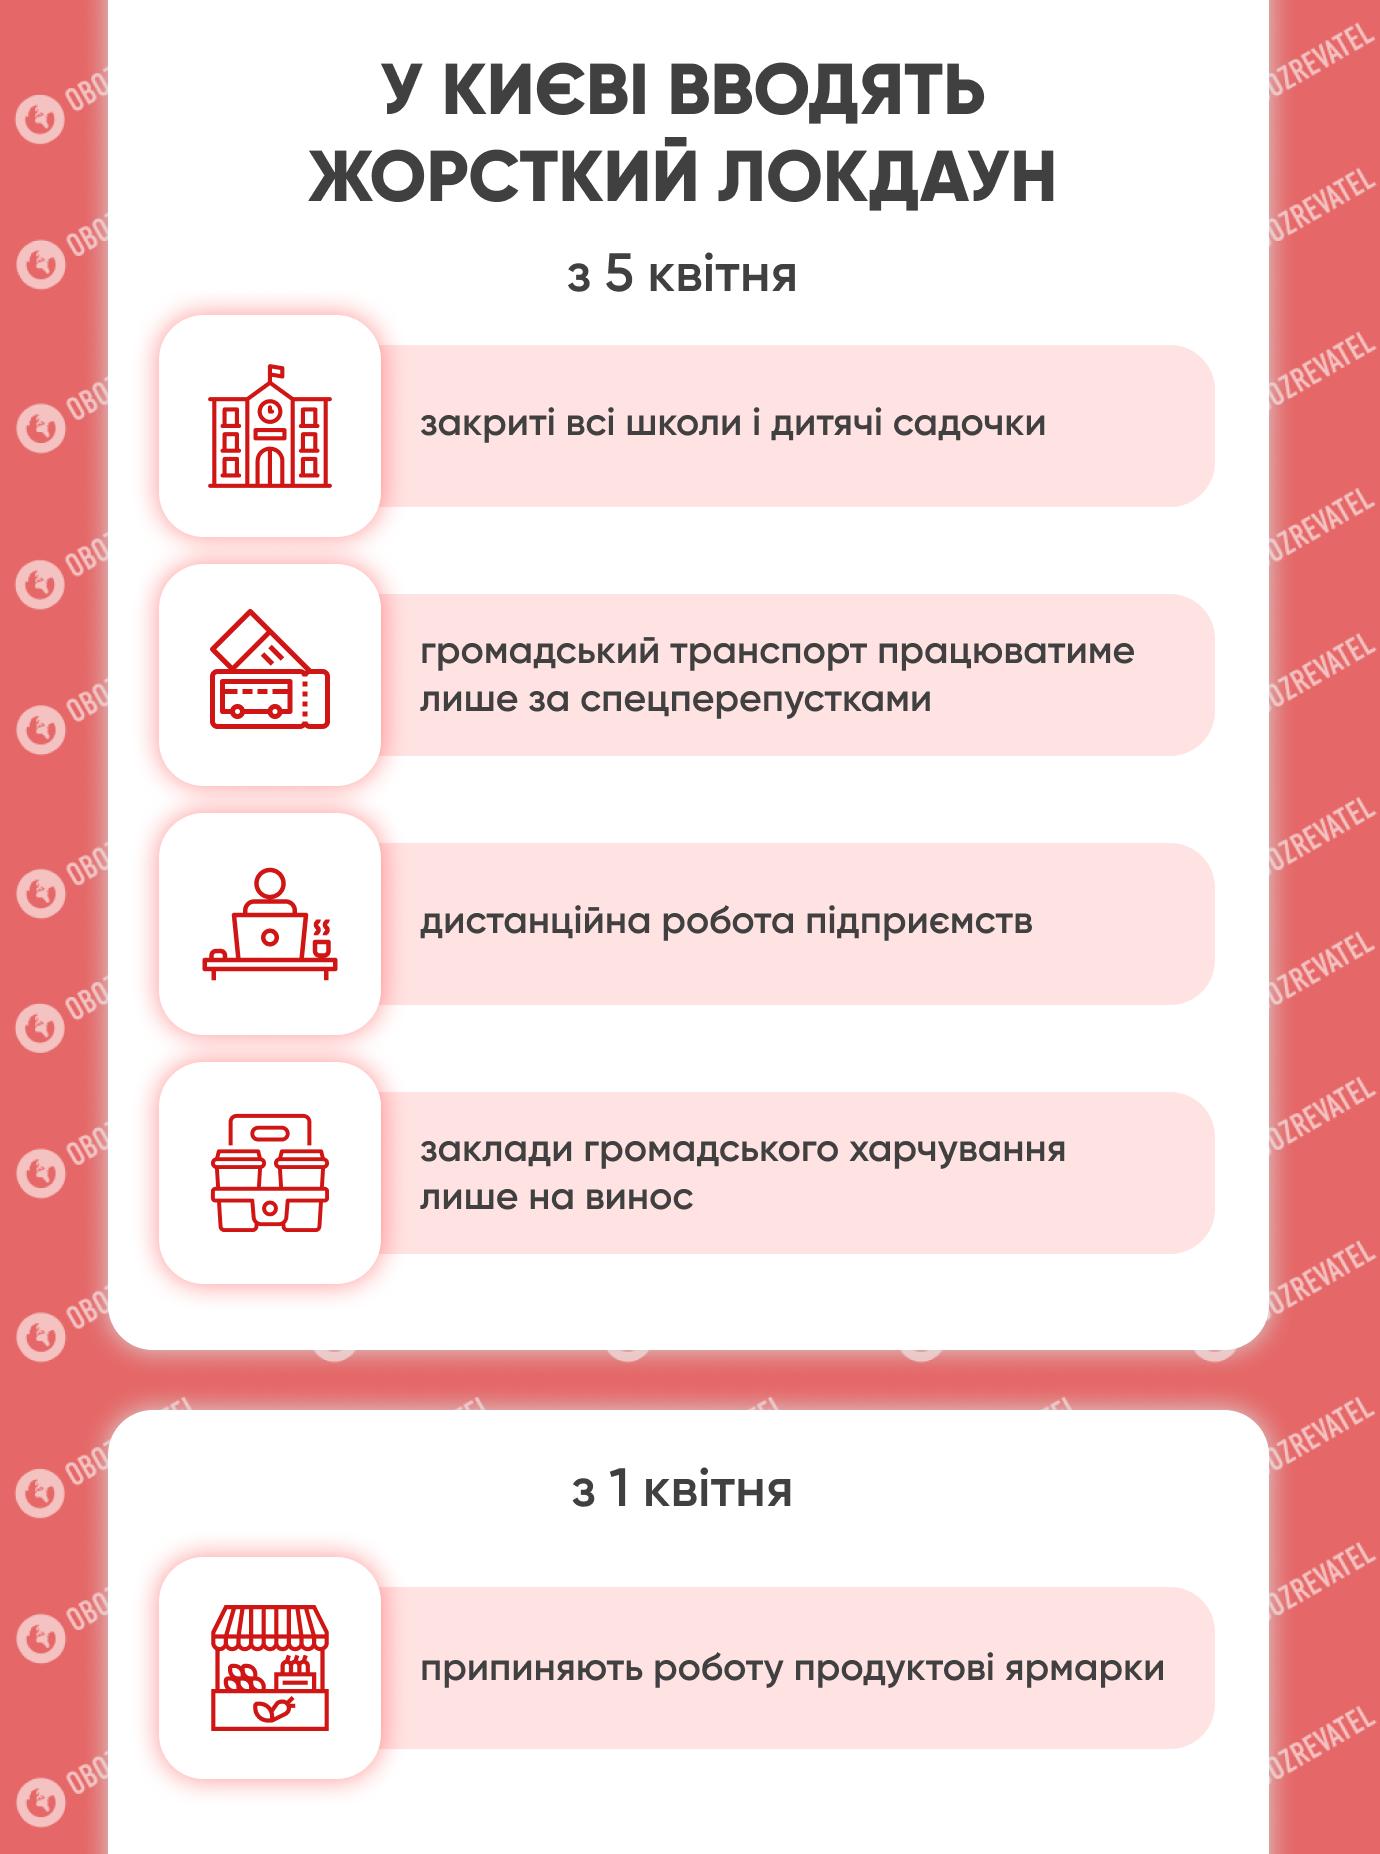 Что не будет работать в Киеве с 5 апреля